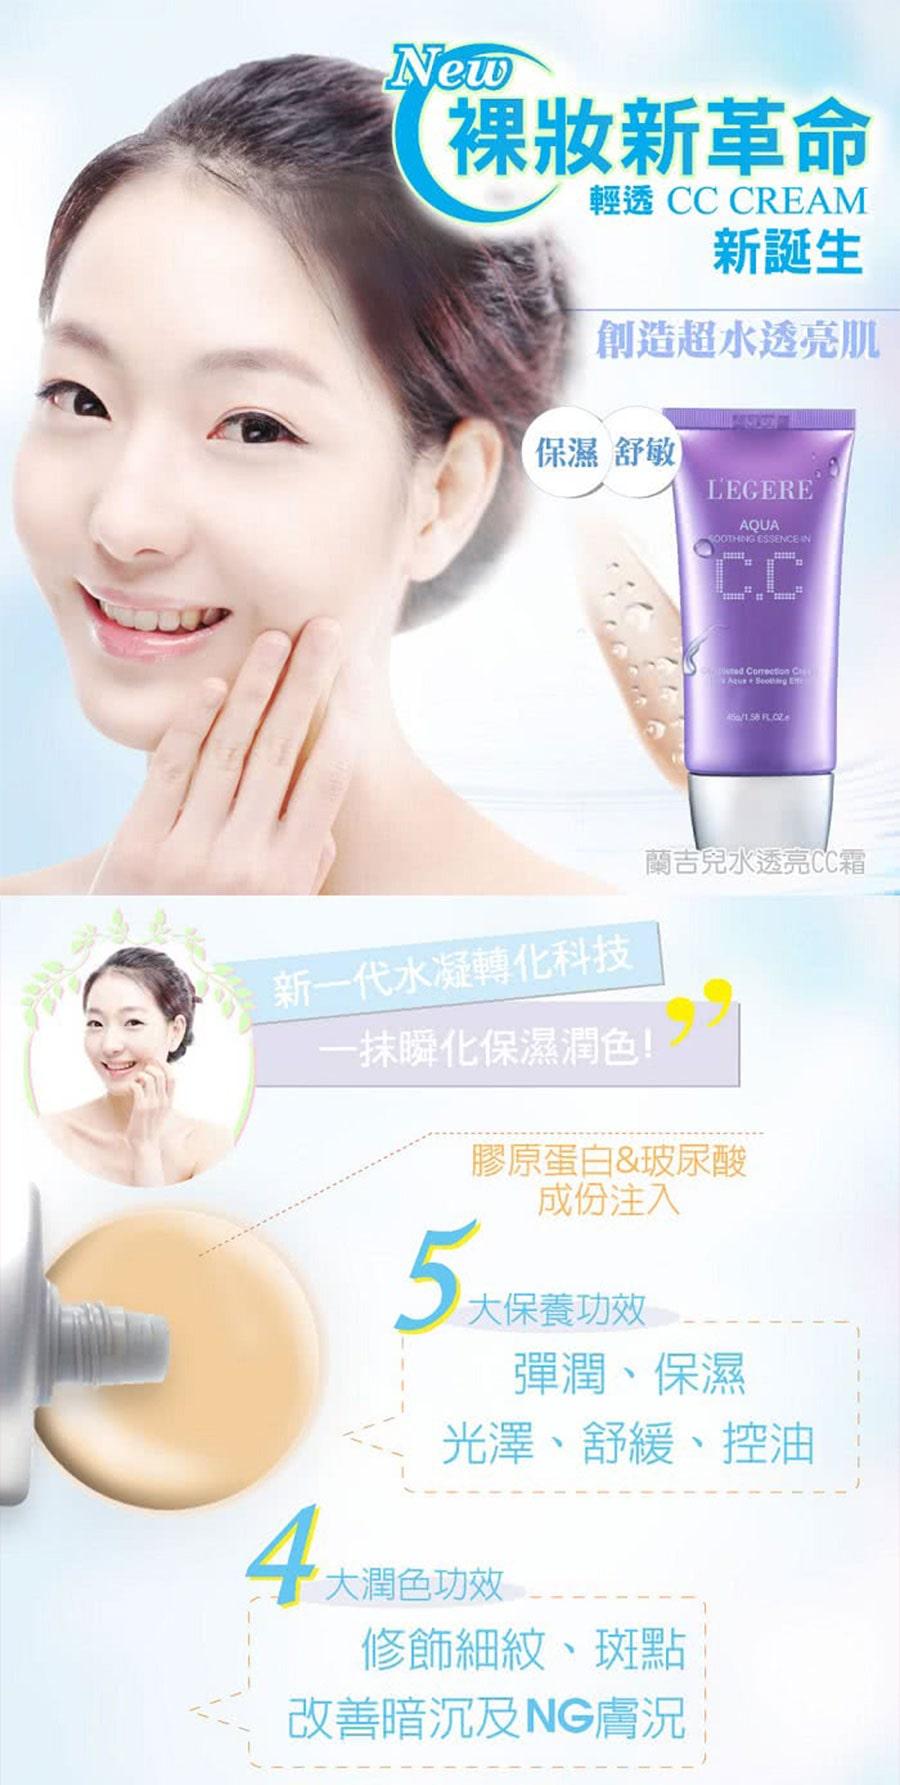 Aqua Soothing CC Cream - Intro